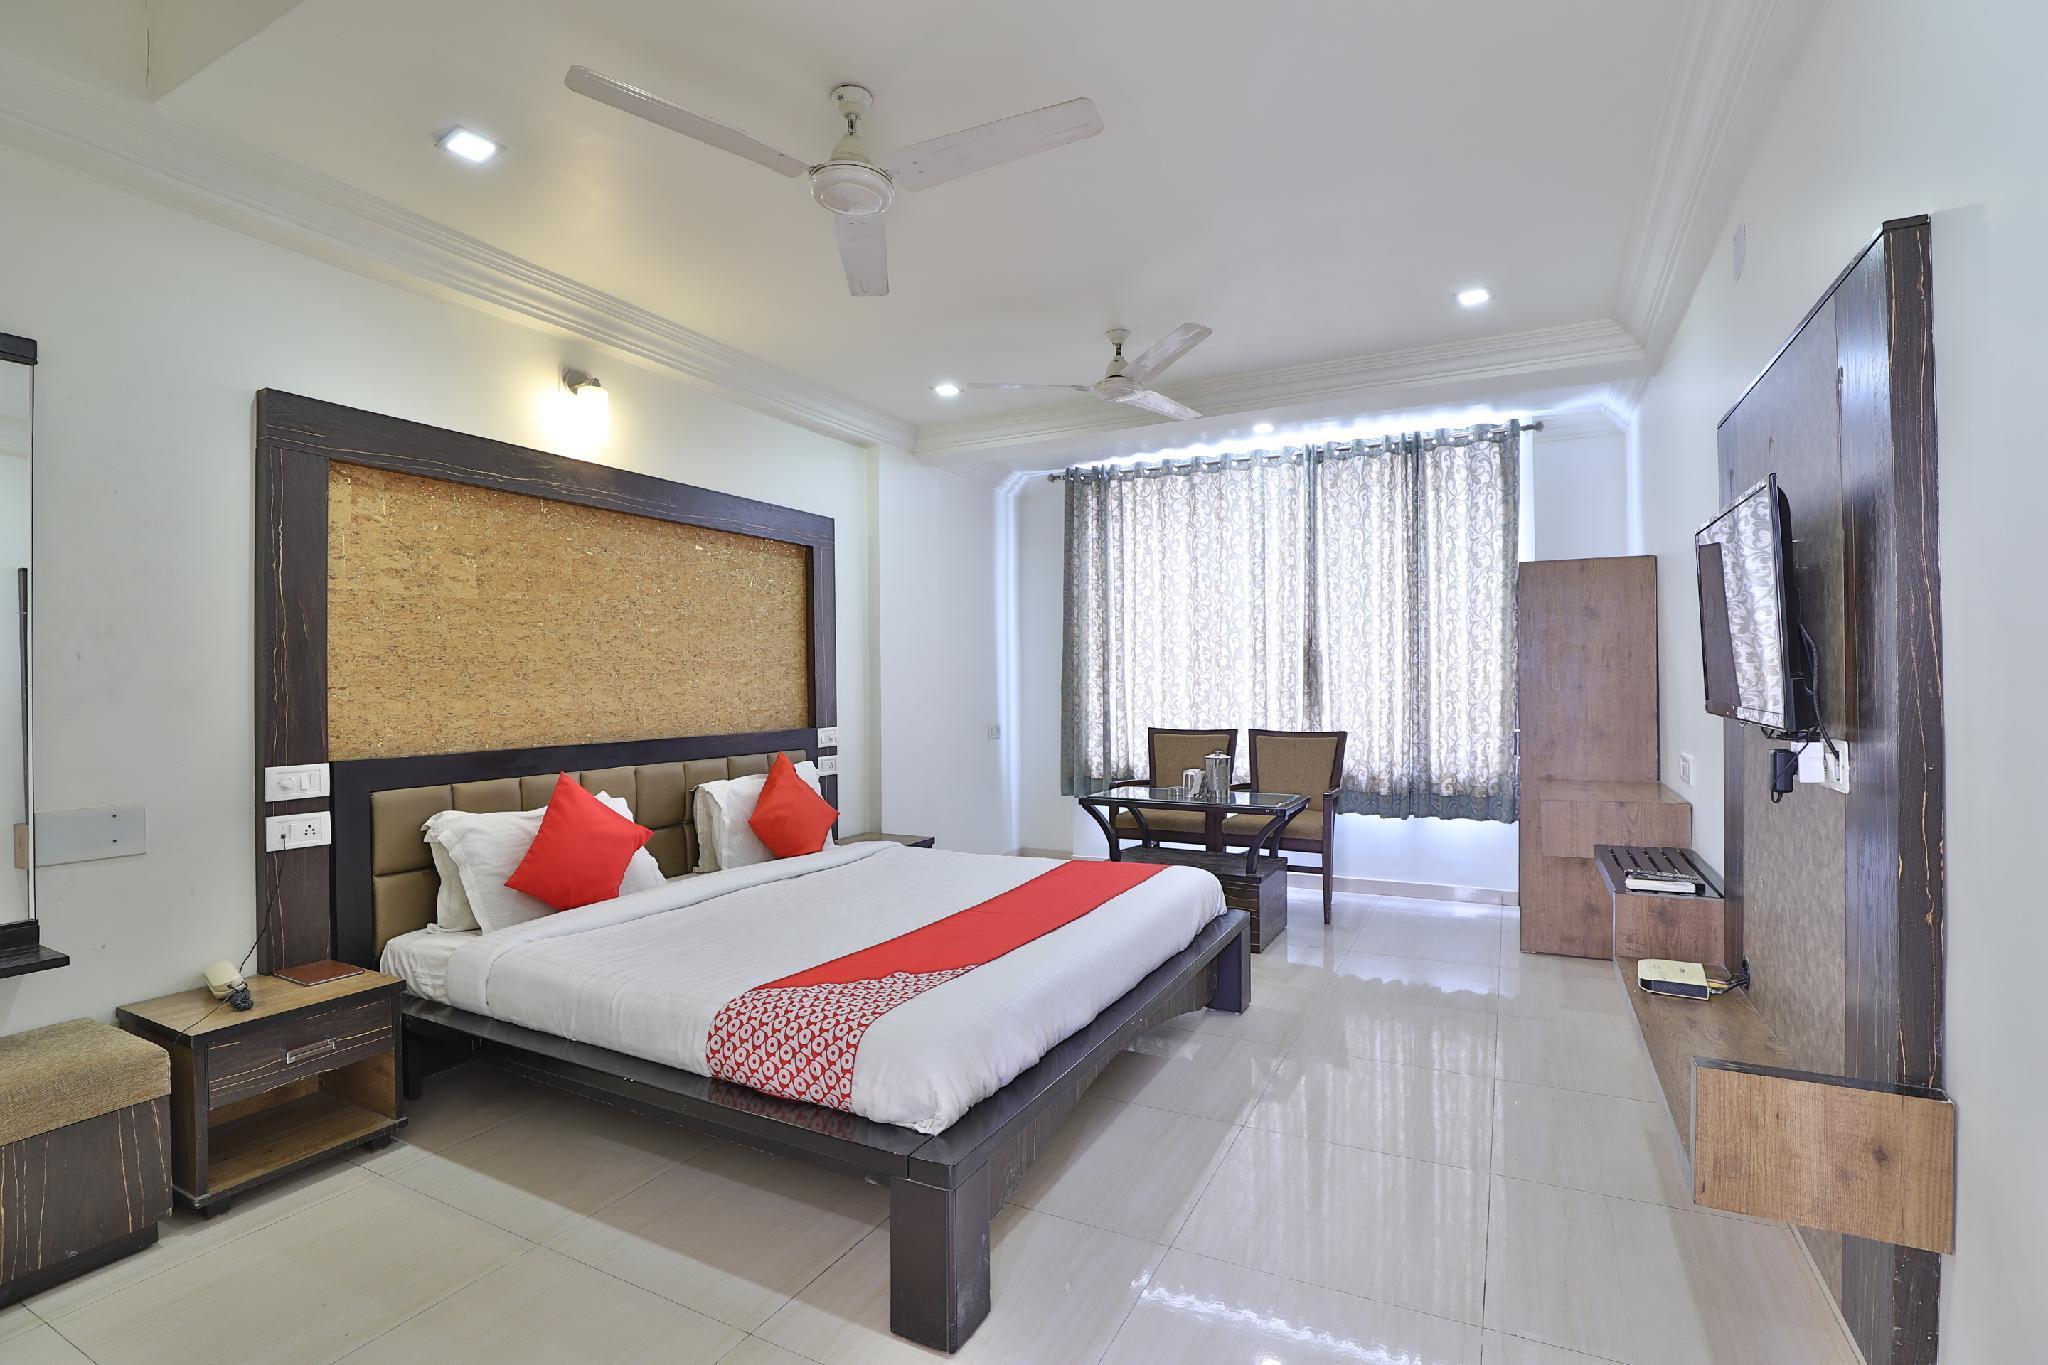 OYO 35376 Hotel Gangotri, Bharuch